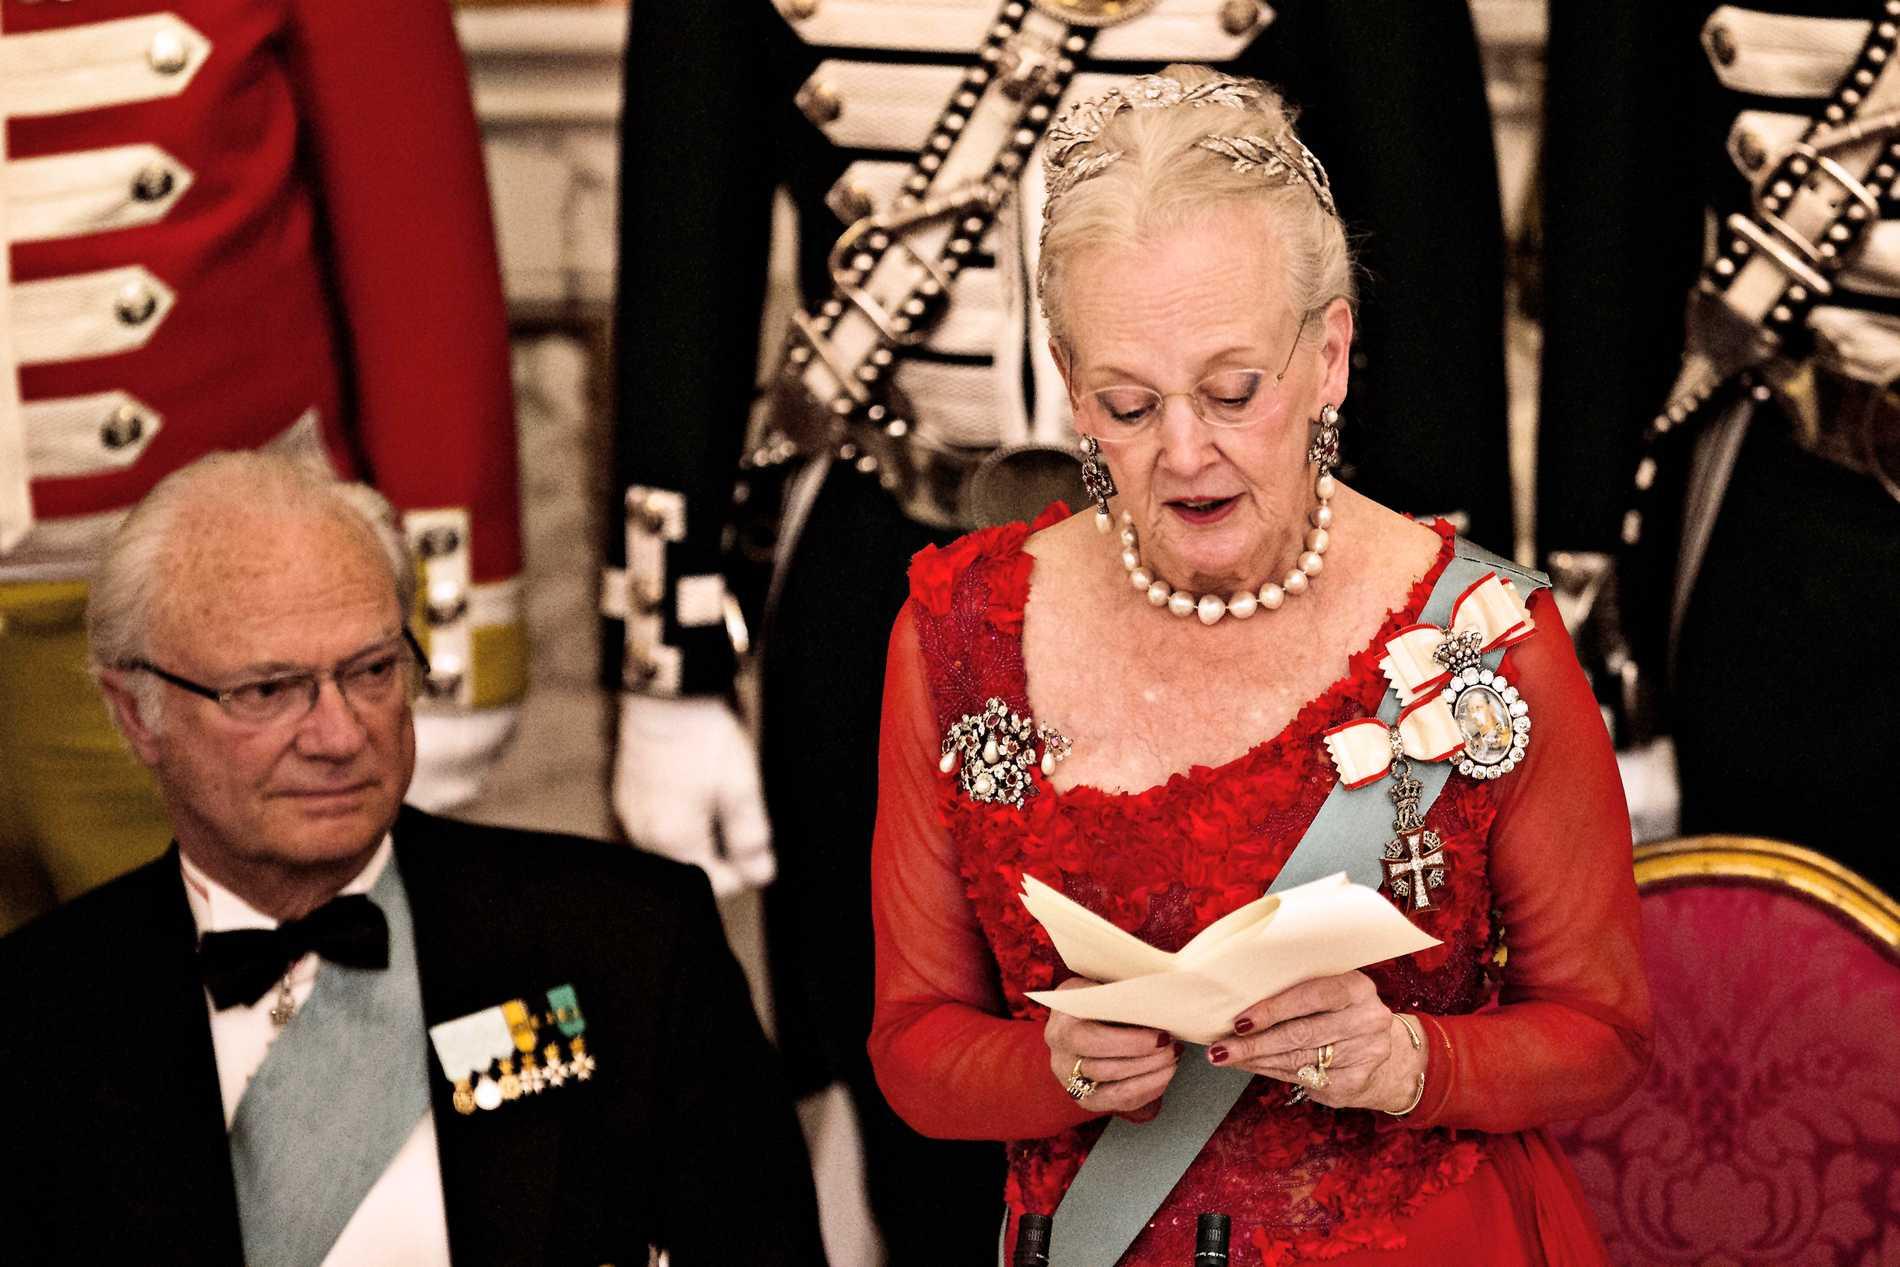 Drottning Margrethe har ett nedtonat 80-årsfirande i viruskristen, men kan i framtiden erbjuda kung Carl XVI Gustaf (till vänster) och andra fina gäster nyrenoverade festbestick på Christiansborg. Bilden är från hennes 75-årsfest 2015.